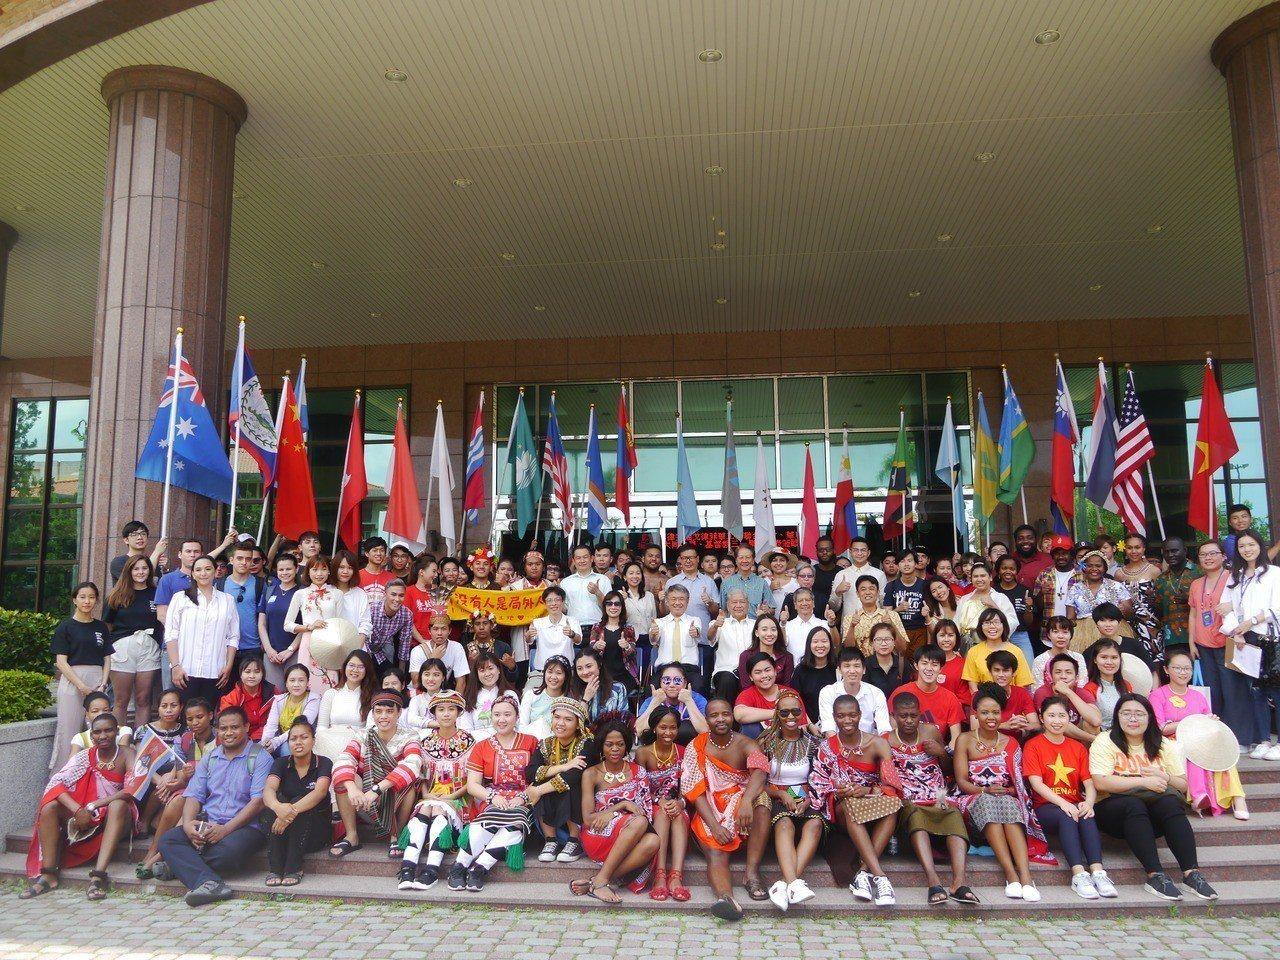 義守大學校內多達2千名國際學生,學校舉辦藝術節促進文化交流。記者徐白櫻/攝影